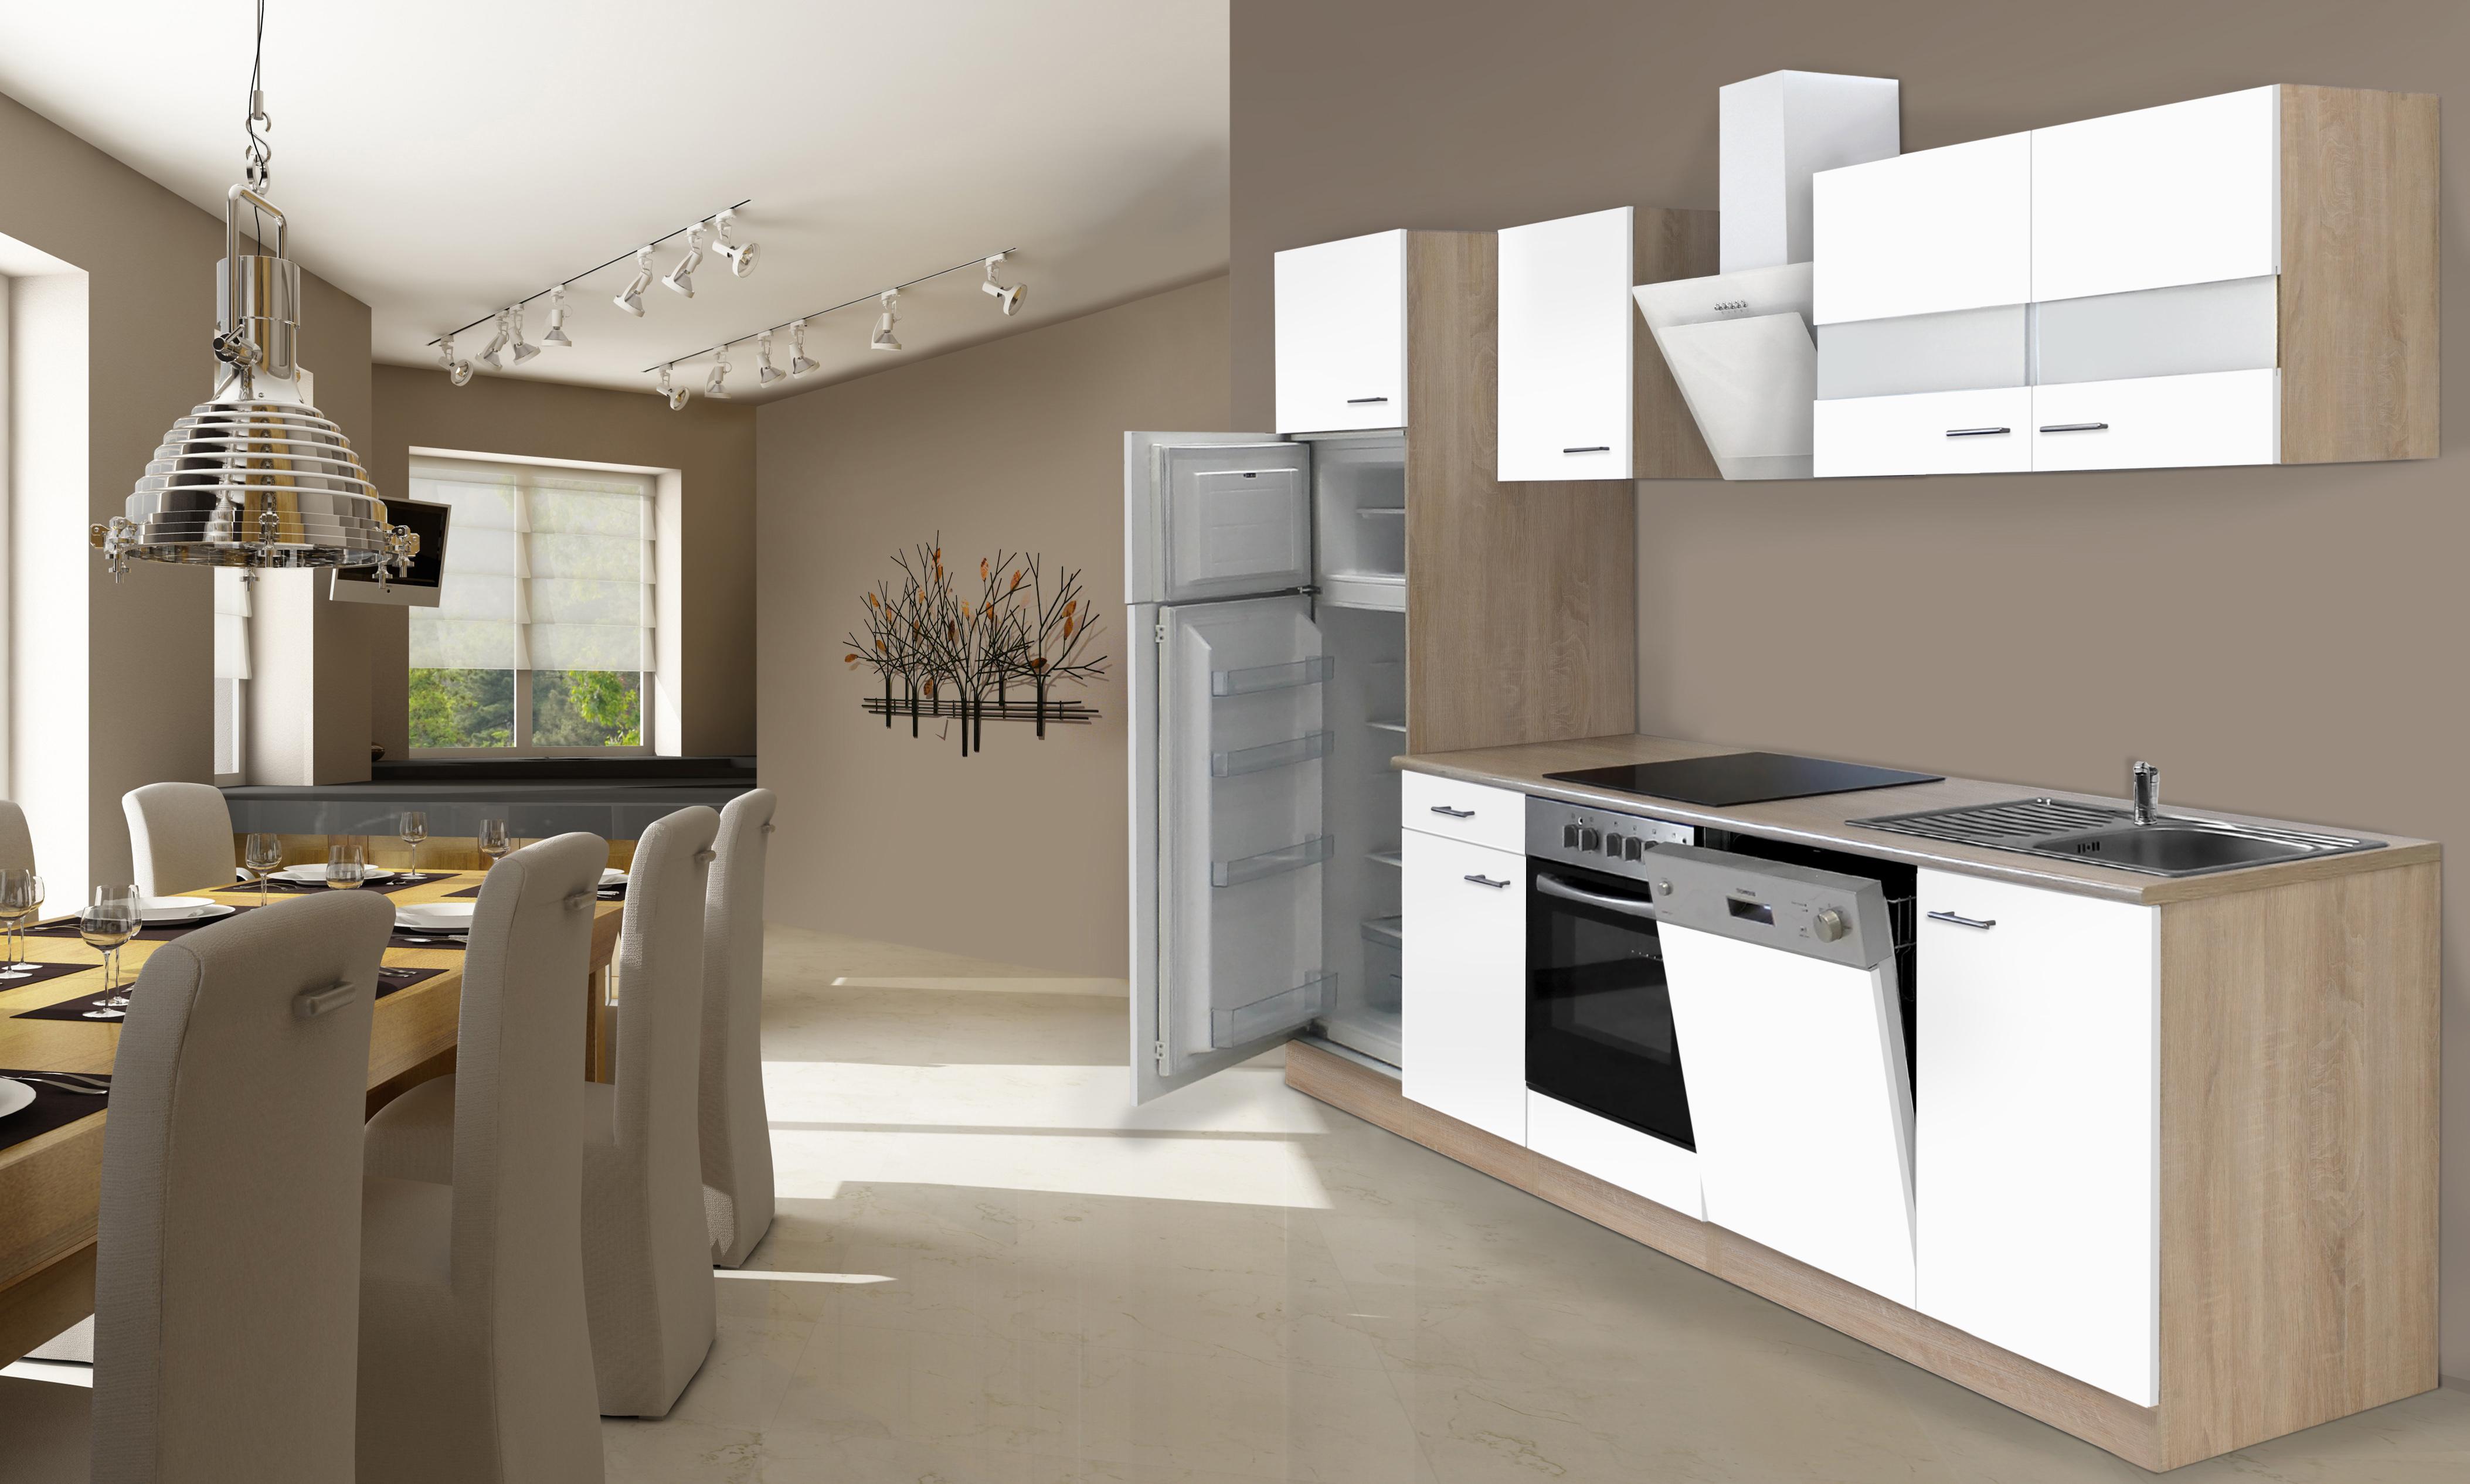 Respekta incasso cucina angolo cucina blocco cucina 280 cm - Blocco cucina 160 cm ...